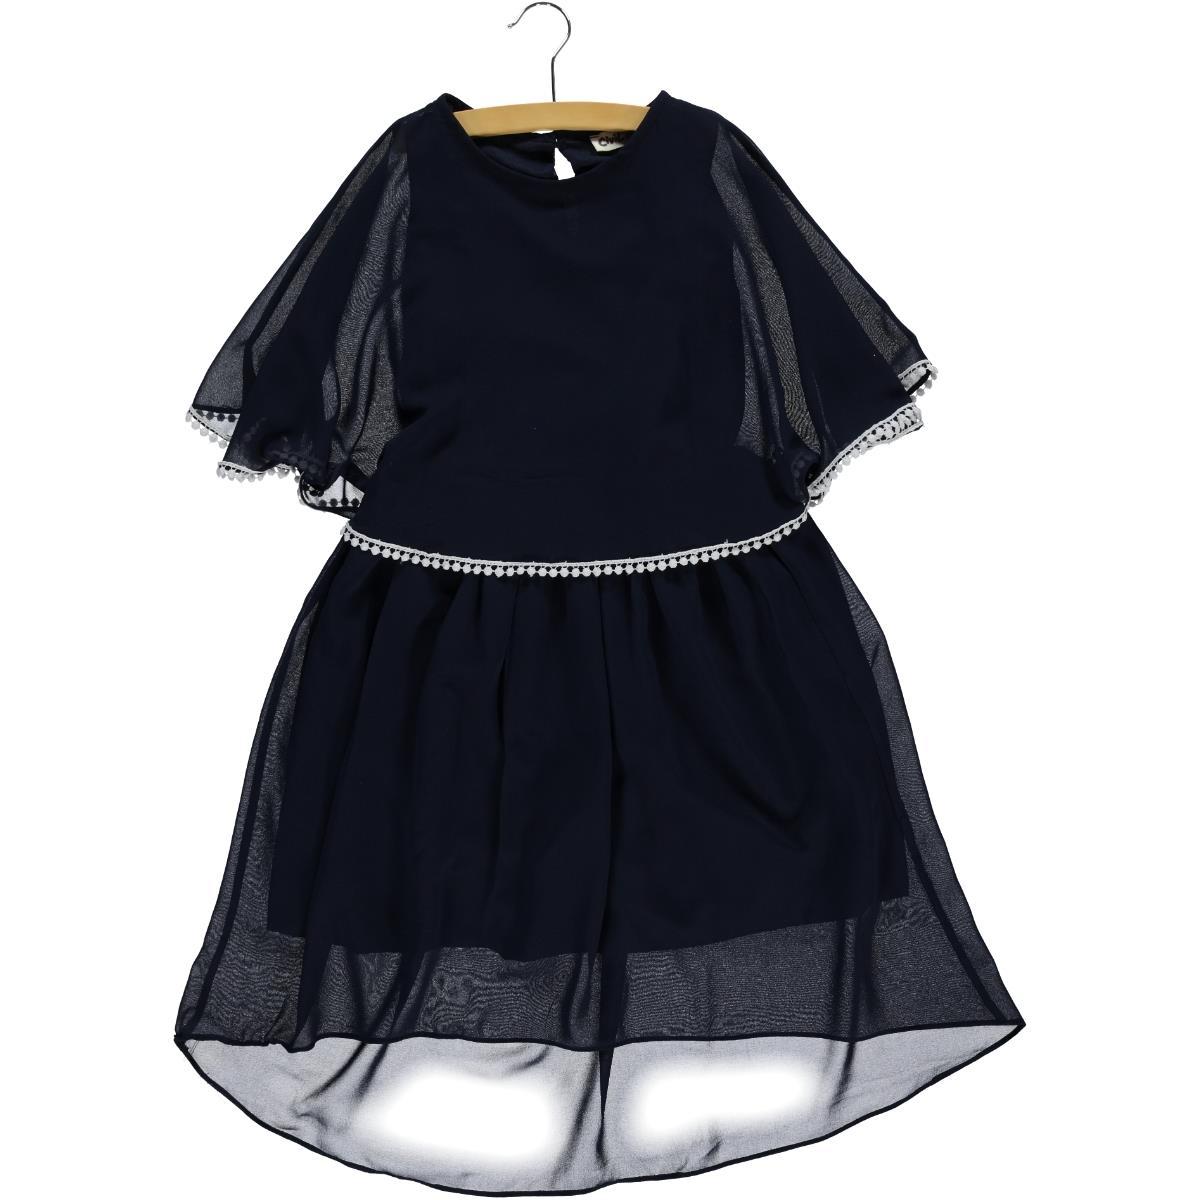 6fe2e913ed65d 201921-1 / LCI Civil Girls Kız Çocuk Elbise 10-13 Yaş Lacivert